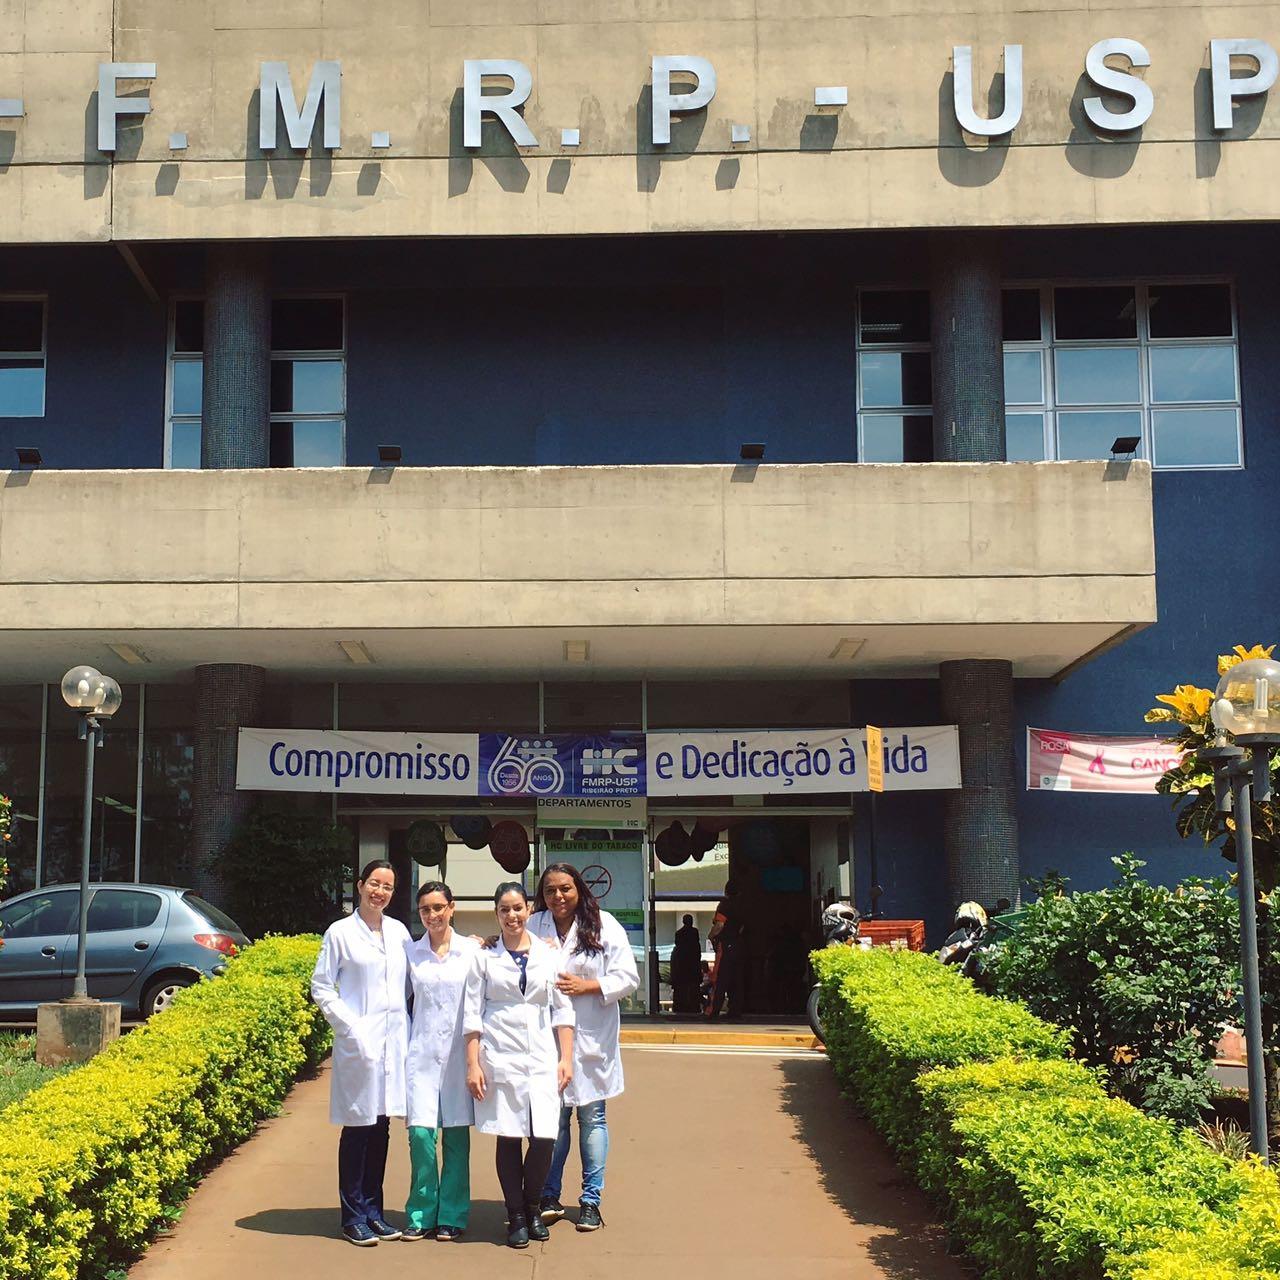 Curso hospital das clinicas